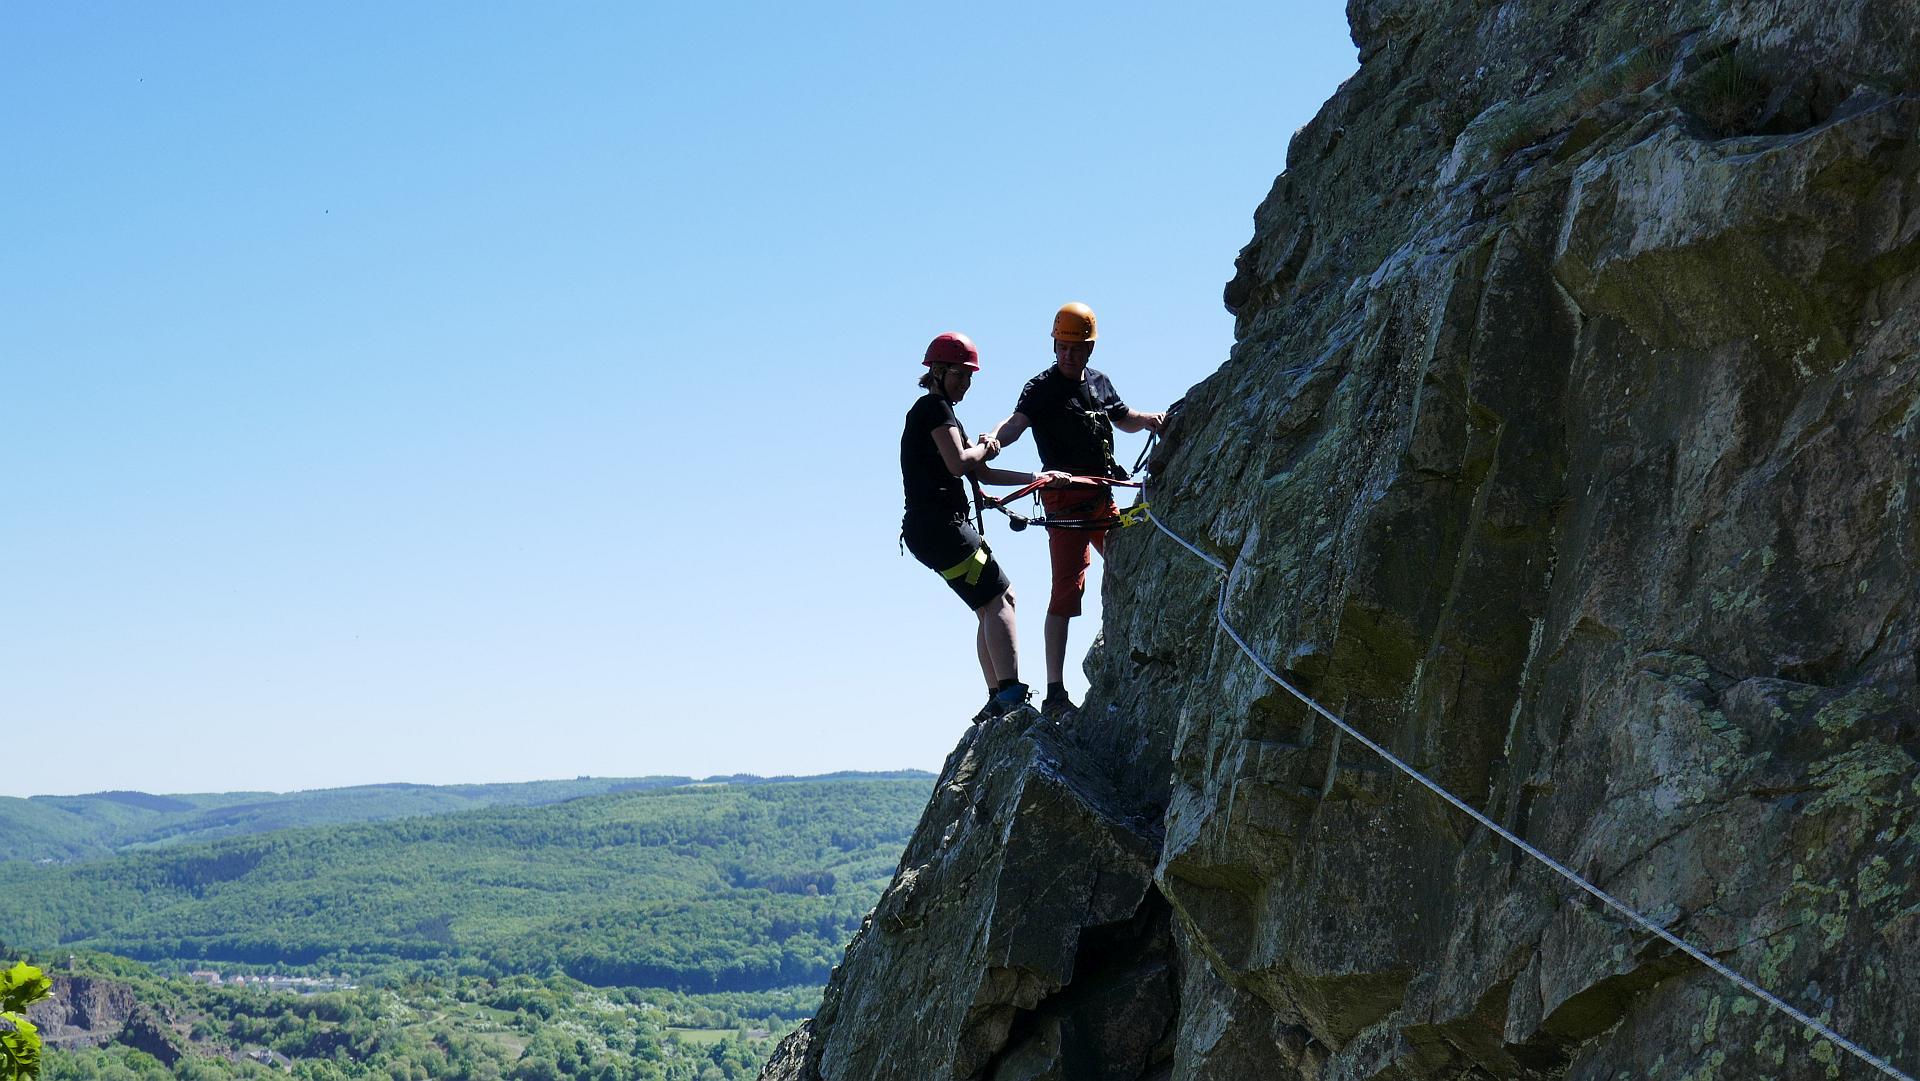 Klettersteig Bandschlinge : Klettersteigkurs im mittelgebirge daks deutsche alpin kletterschule